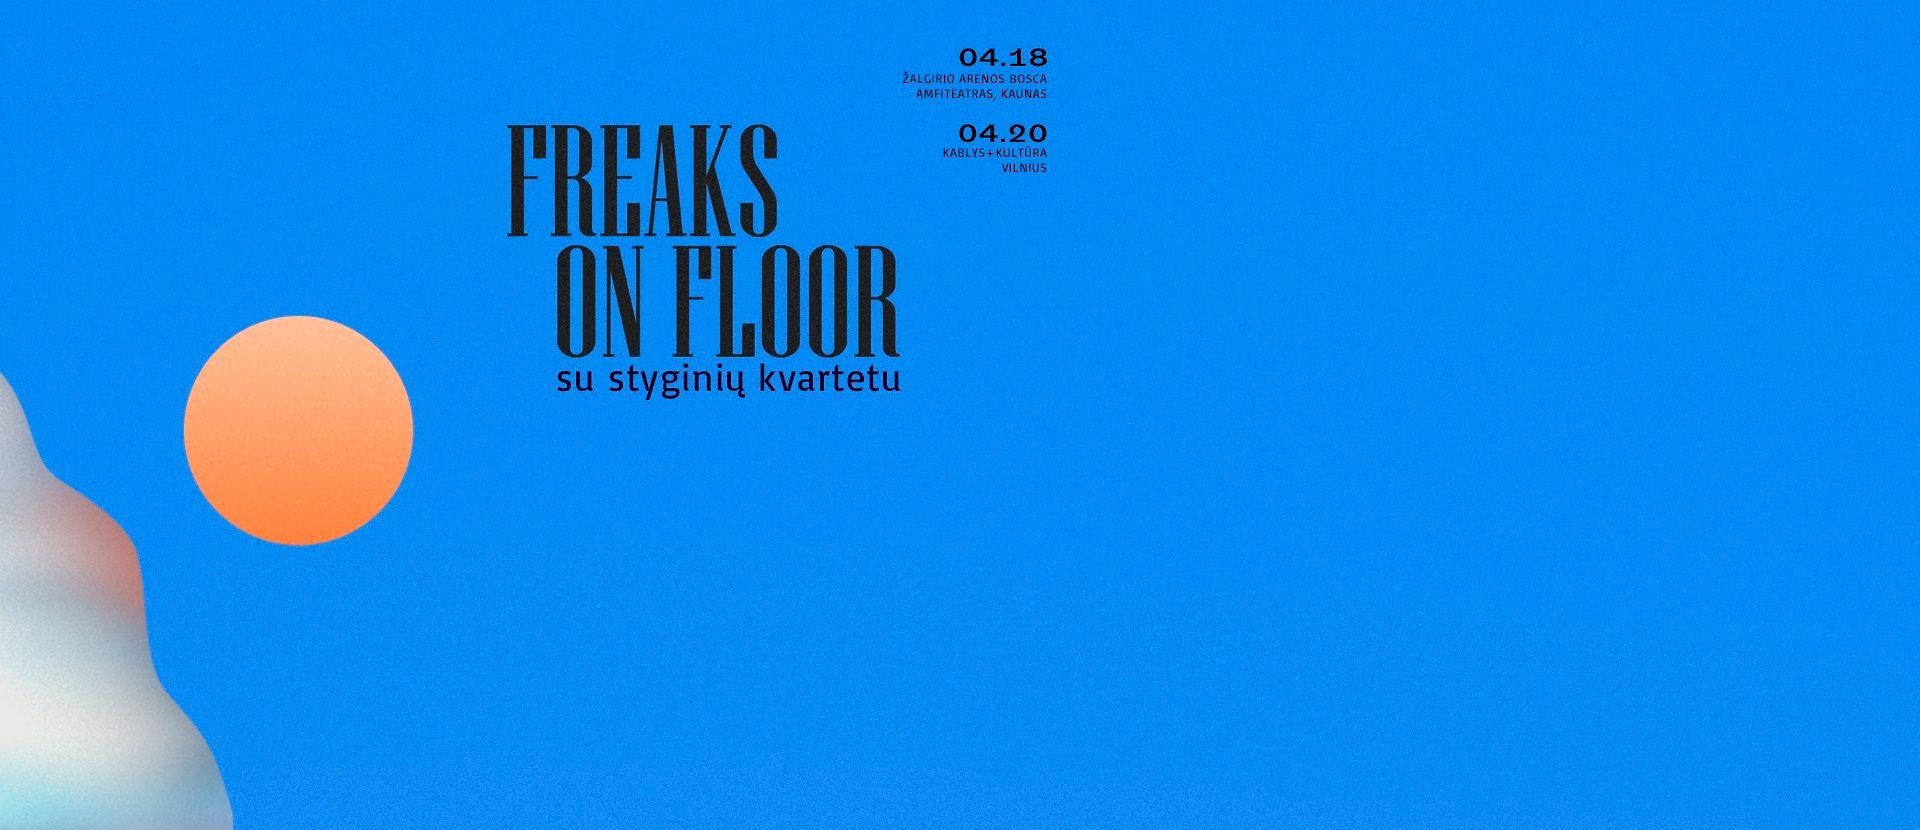 Freaks On Floor su styginių kvartetu